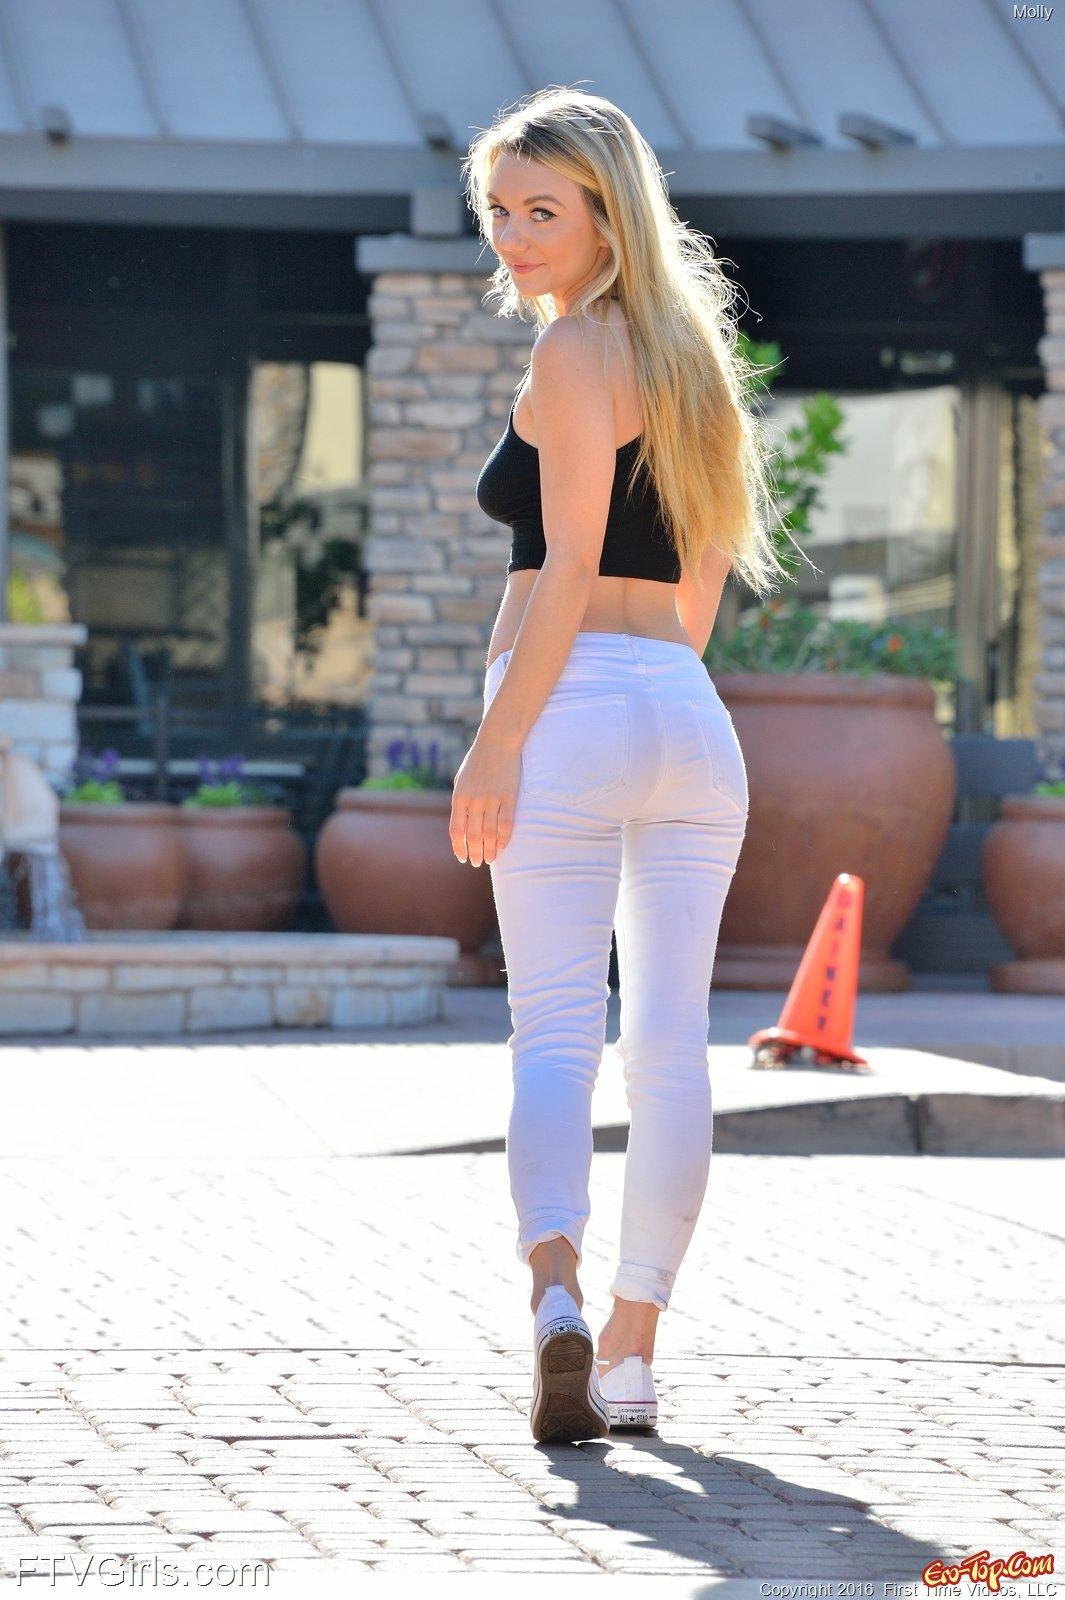 Блондинка сняла джинсы с трусиками на лавочке